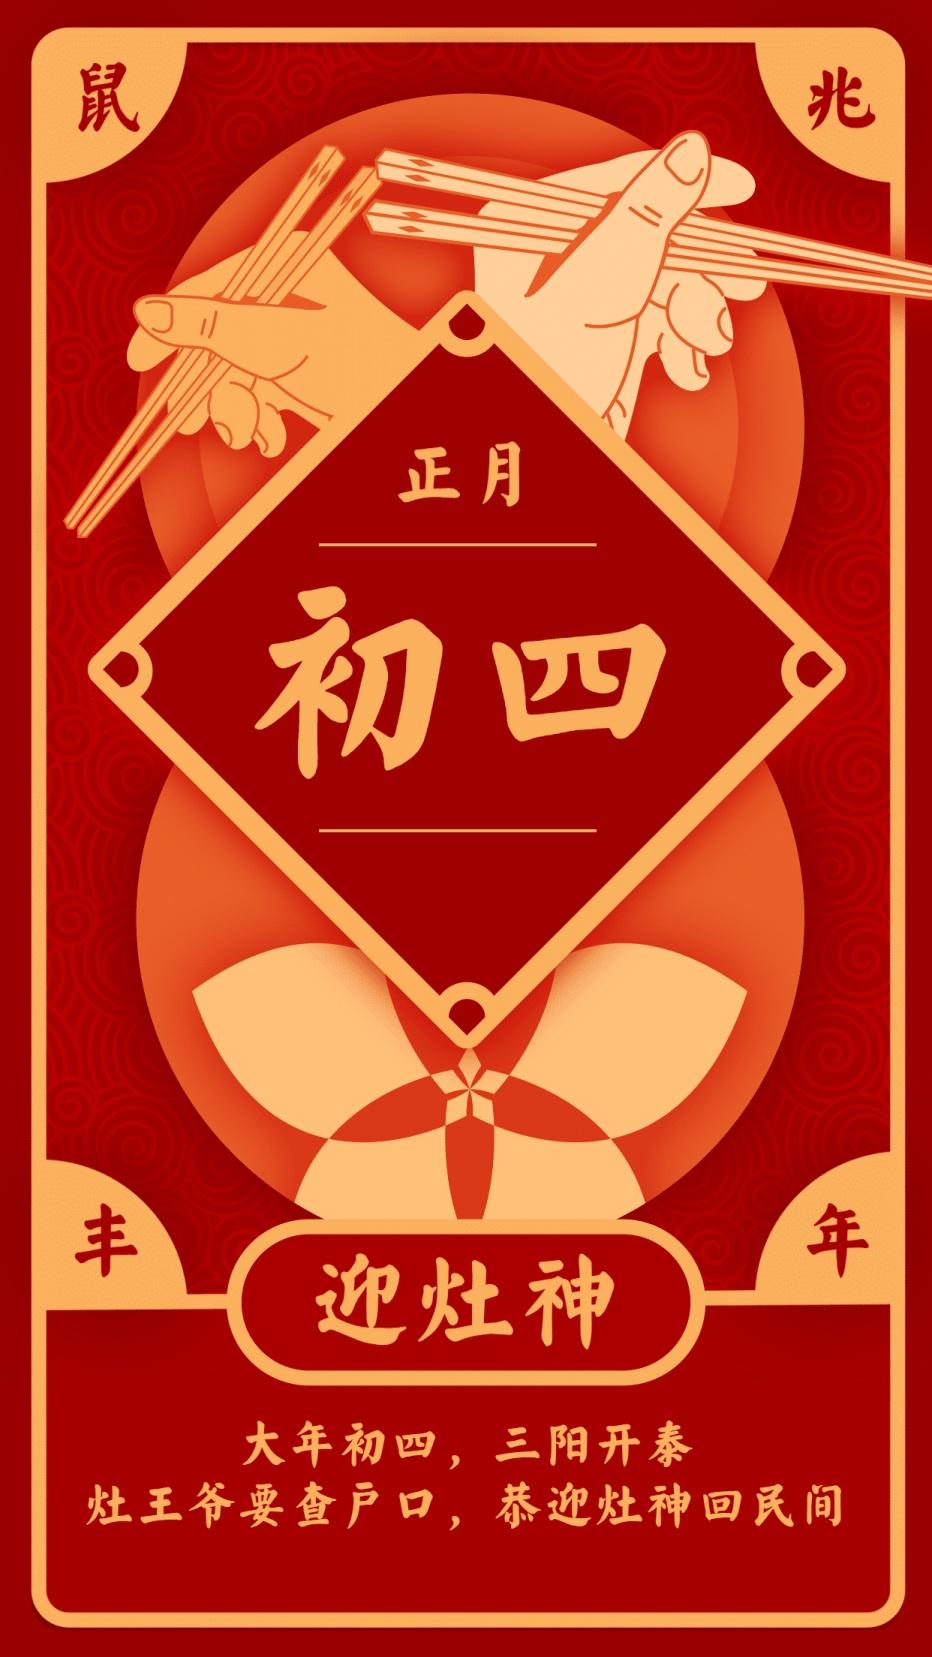 春节习俗/初四/喜庆中国风/手机海报